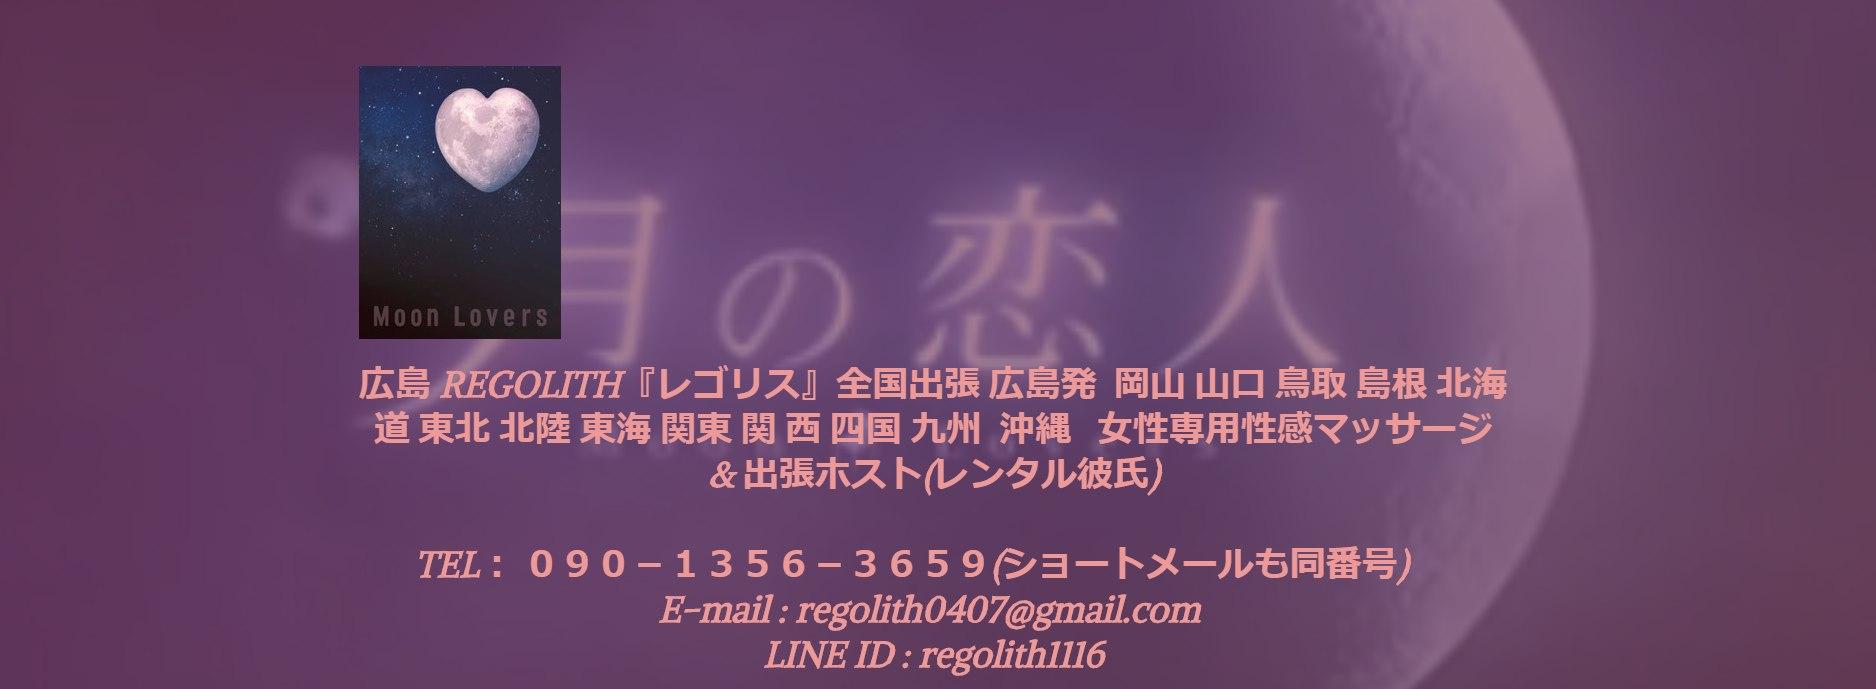 広島REGOLITH(レゴリス)のヘッダ画像